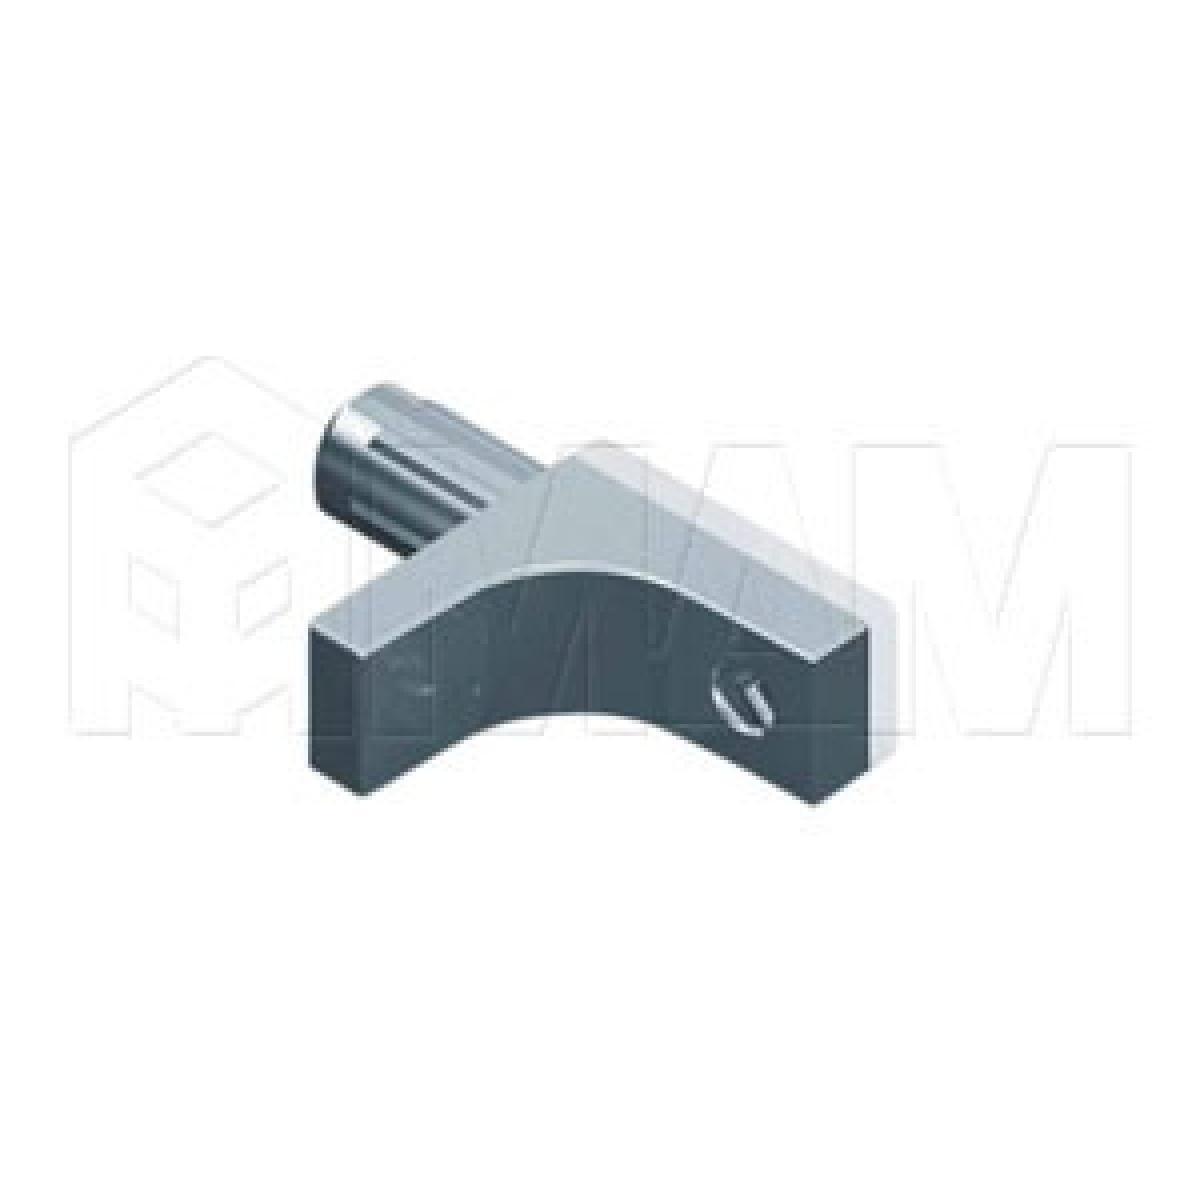 K-LINE Полкодержатель с дополнительным упором для стеклянных полок без фиксации, никель